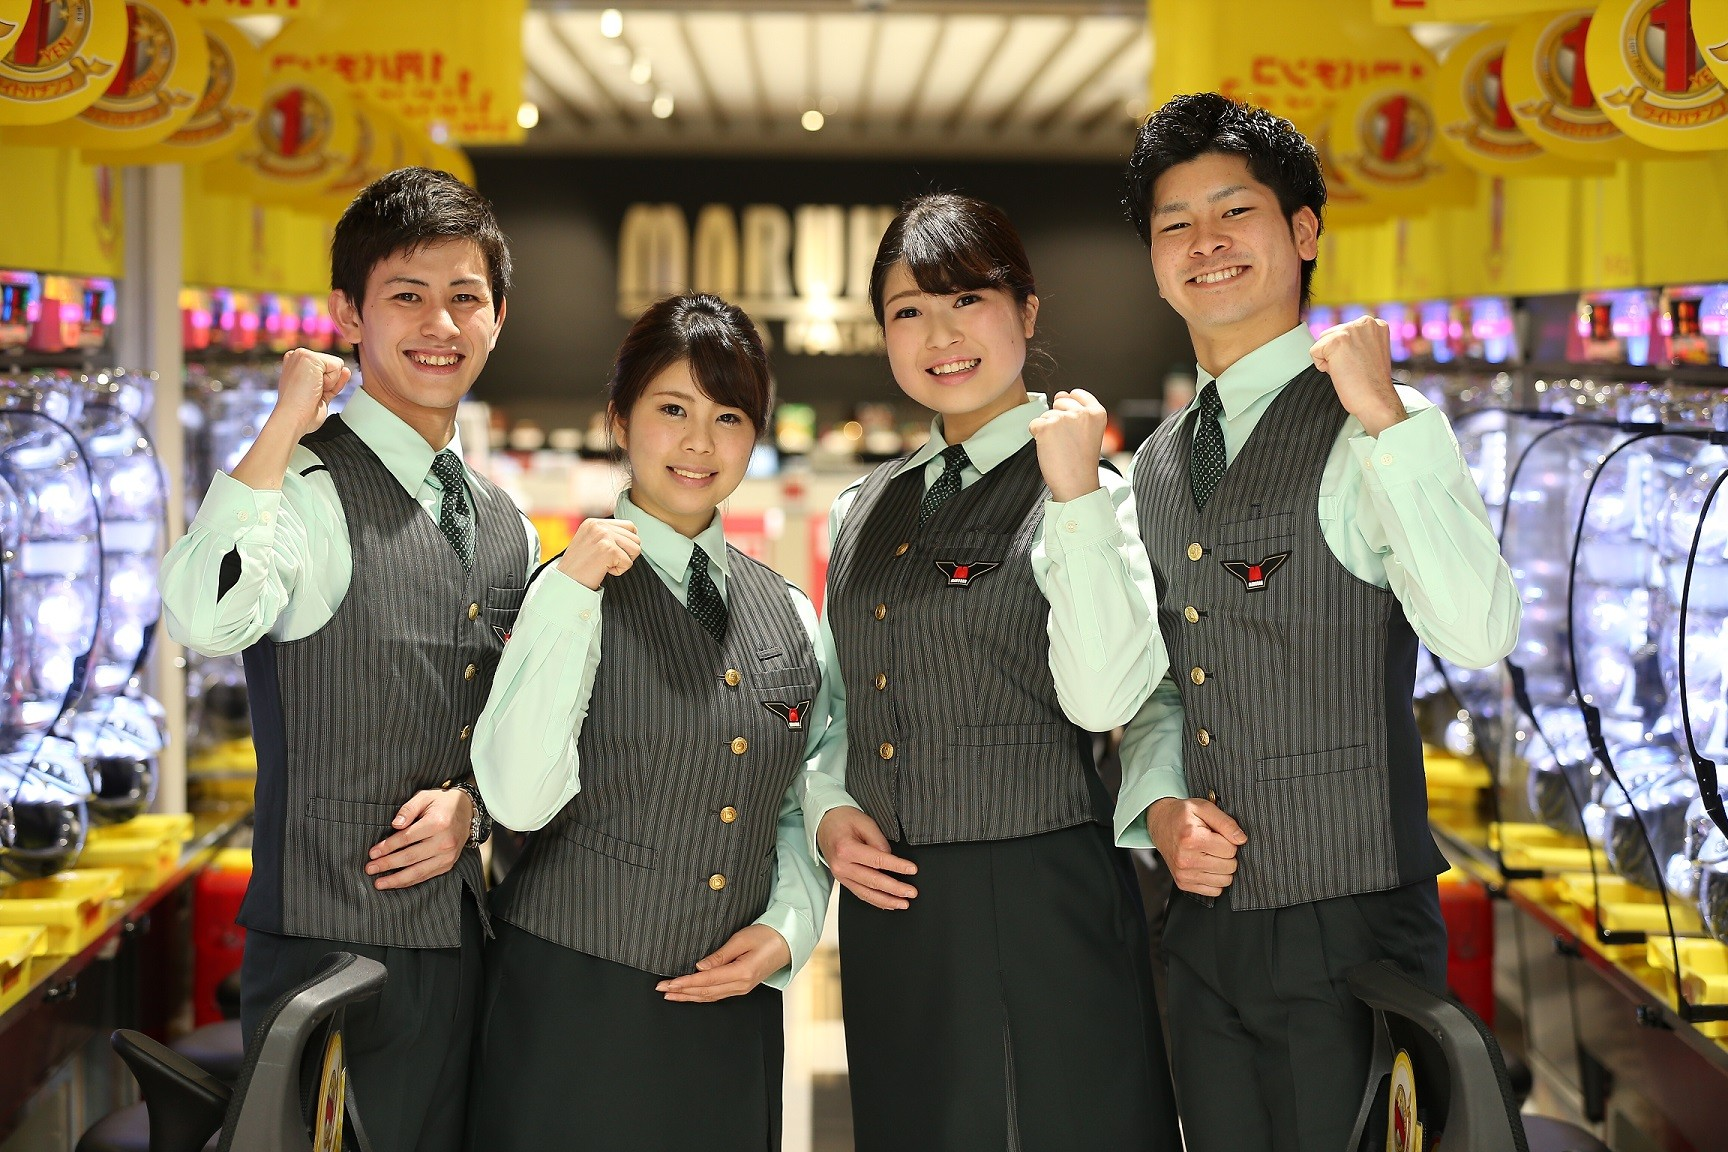 マルハン 上小田井駅前店[2209] のアルバイト情報